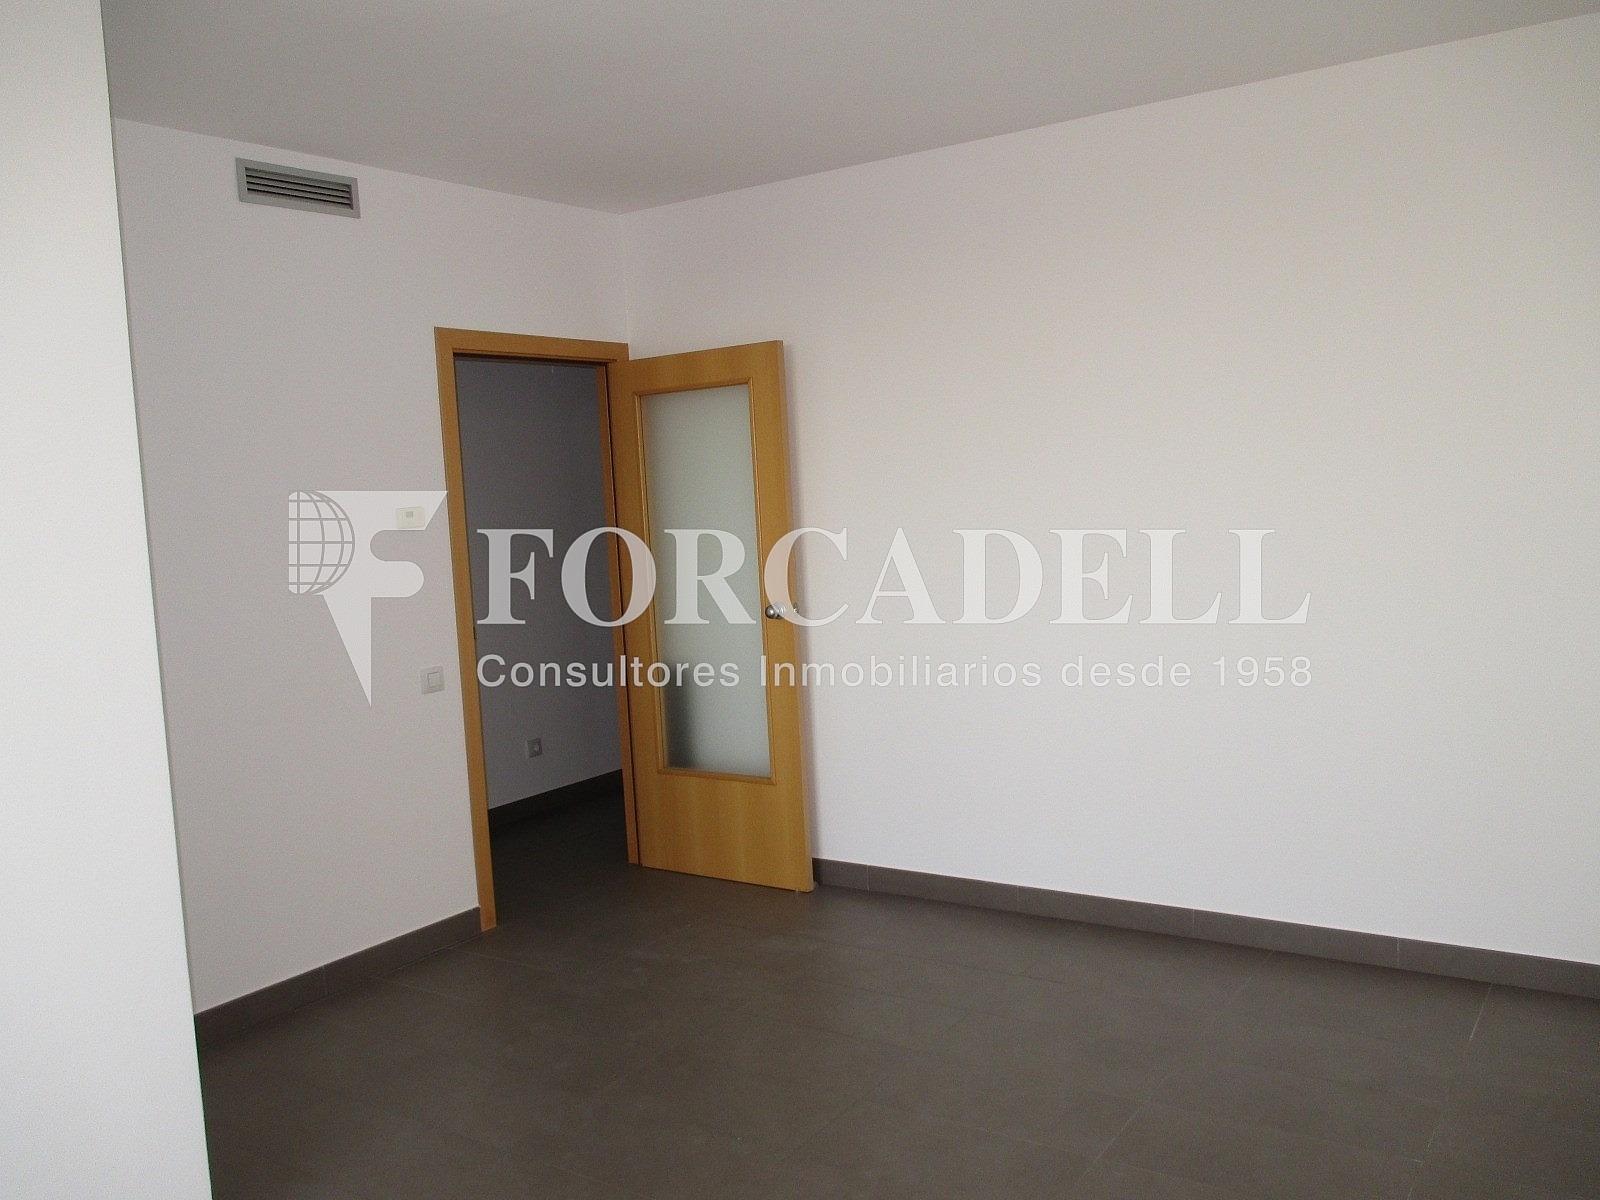 IMG_2688 - Piso en alquiler en calle Merce Rodoreda, Can clota en Esplugues de Llobregat - 331432104